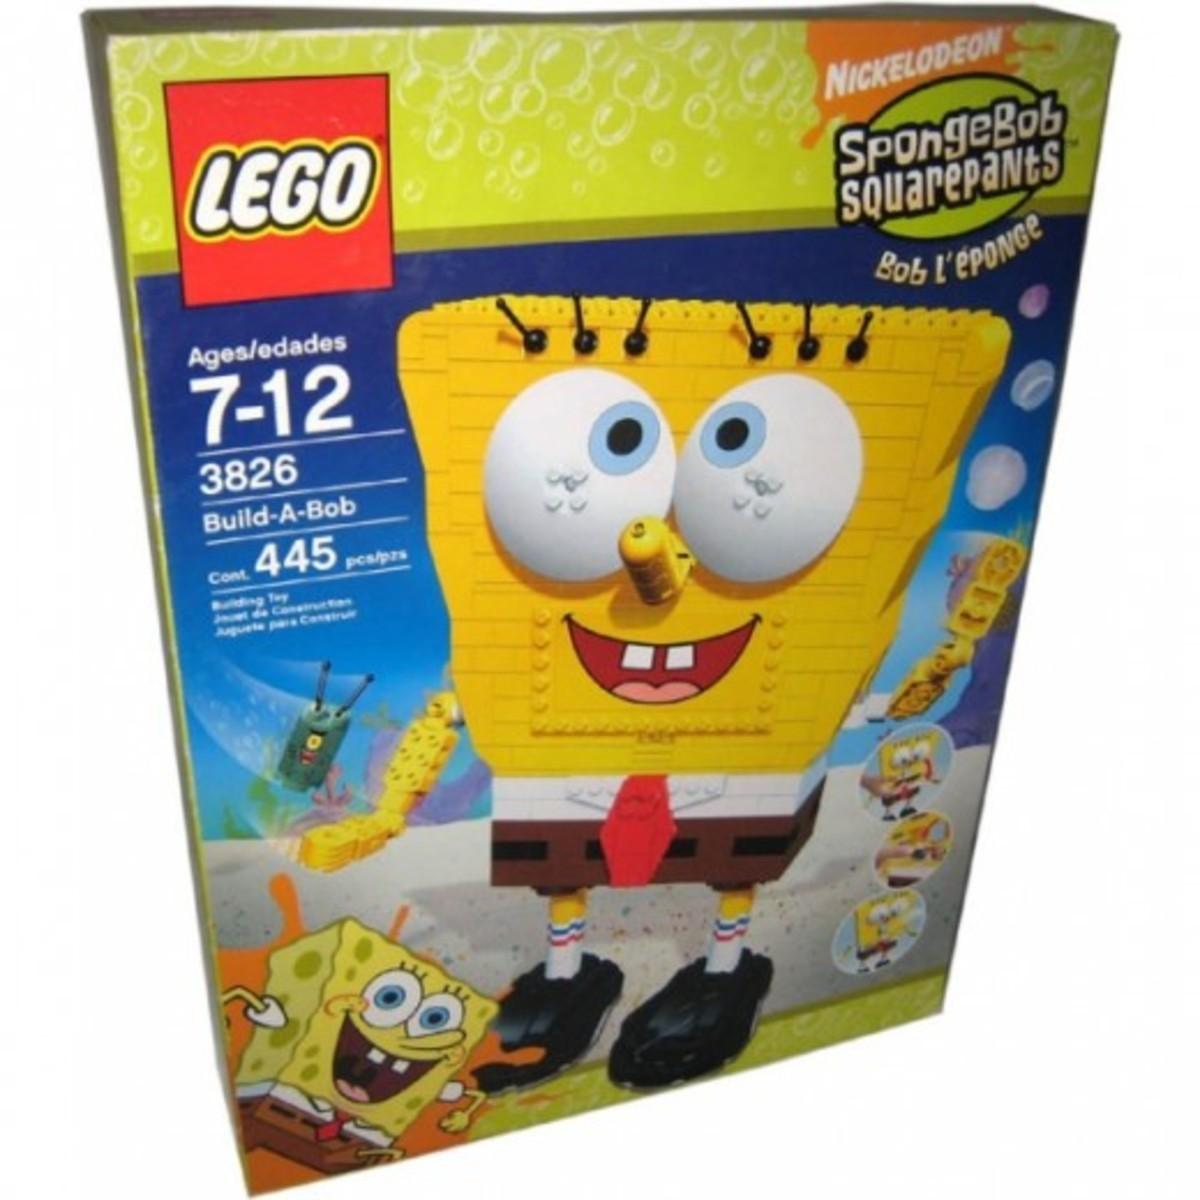 LEGO SpongeBob SquarePants Build-A-Bob 3826 Box